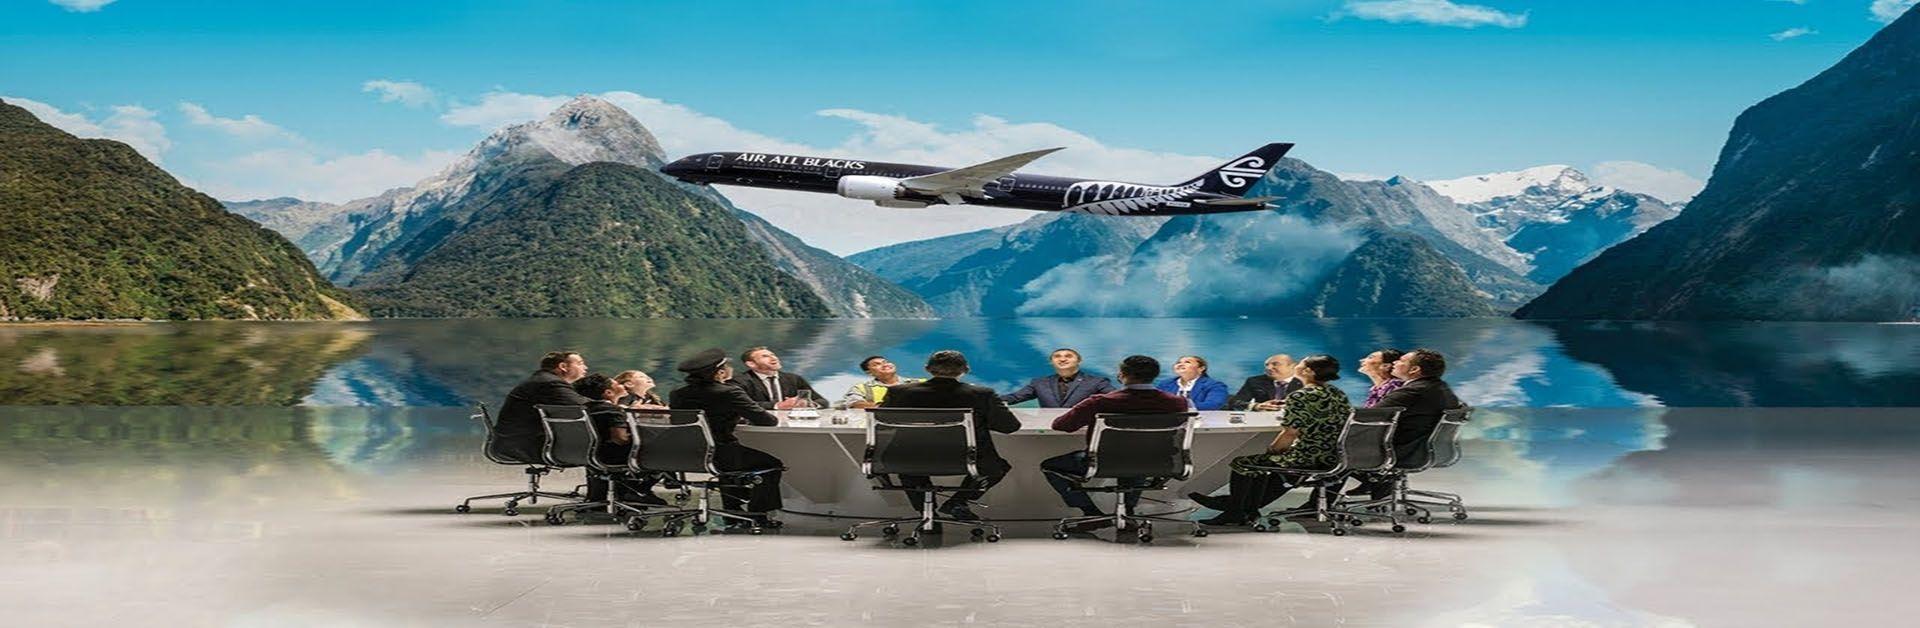 """""""橄""""为球狂,新西兰航空更名""""全黑队航空"""""""